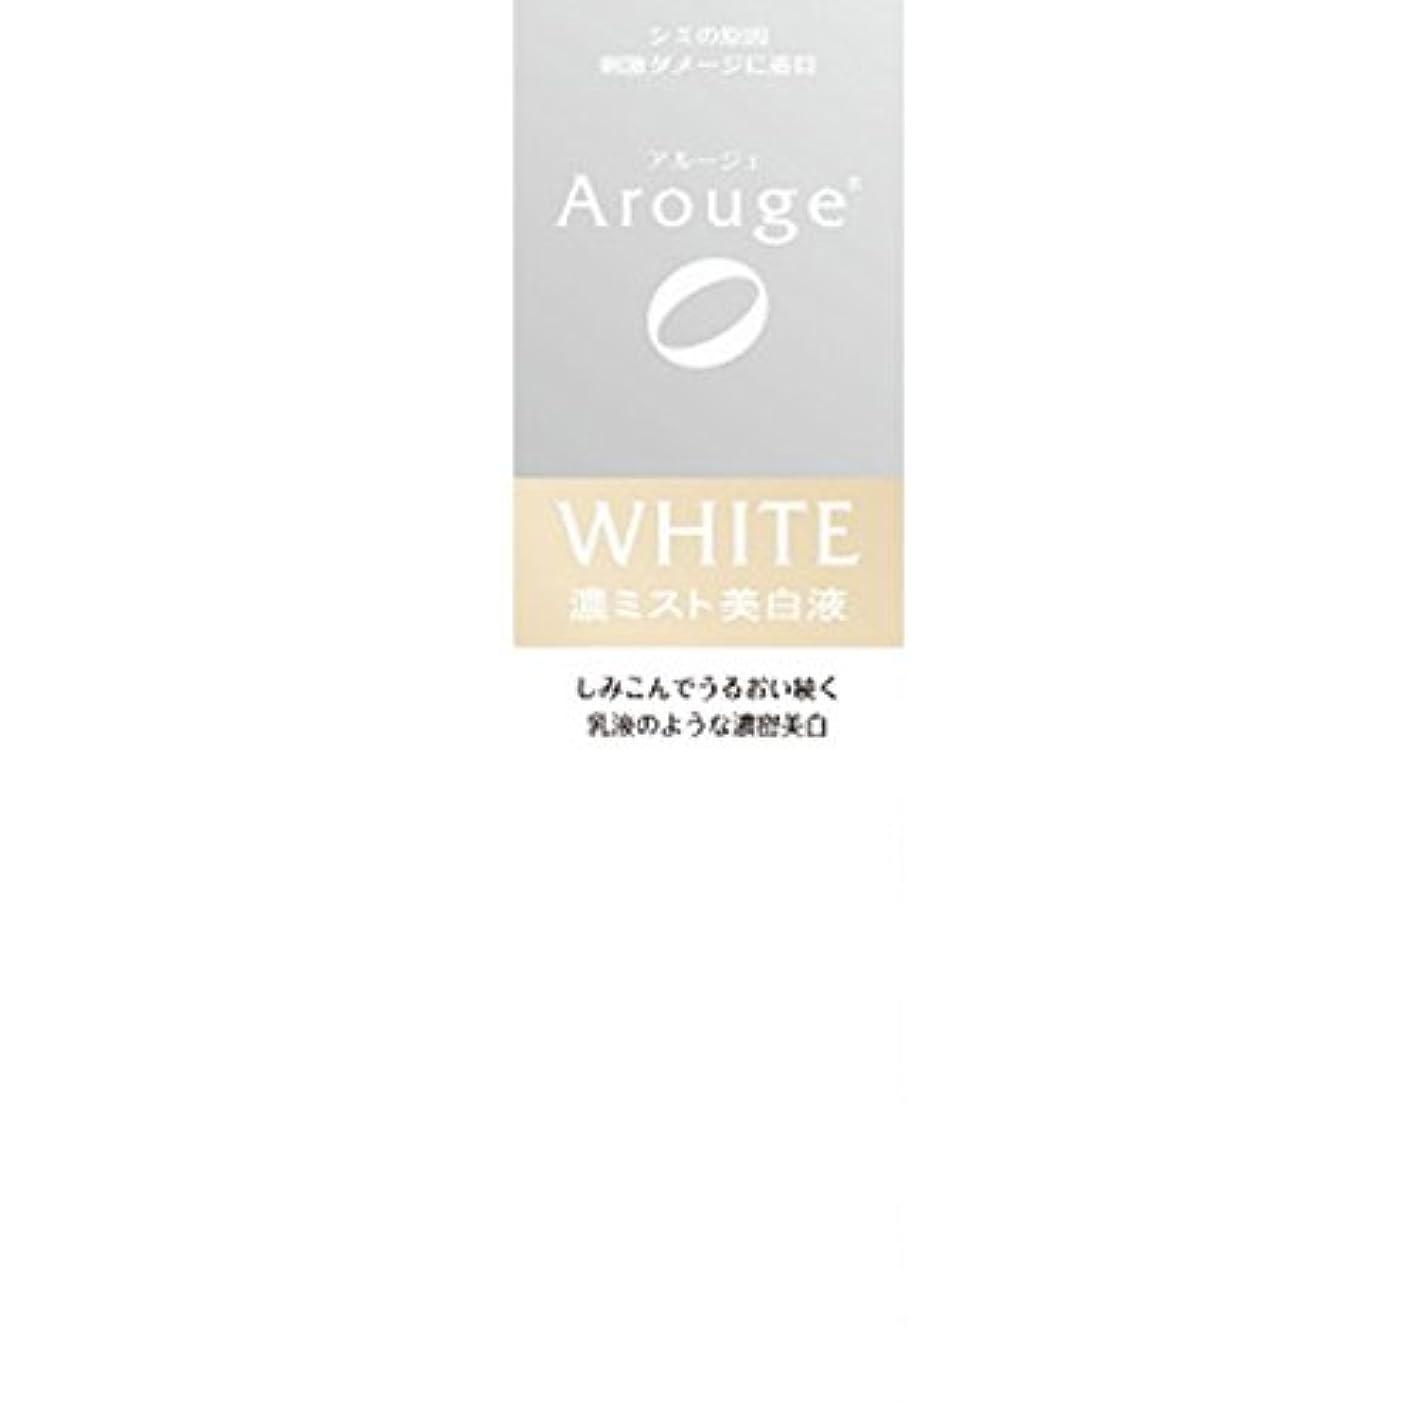 ふくろう適度に日記【医薬部外品】アルージェホワイトニングミストセラム 100ML【2個セット】